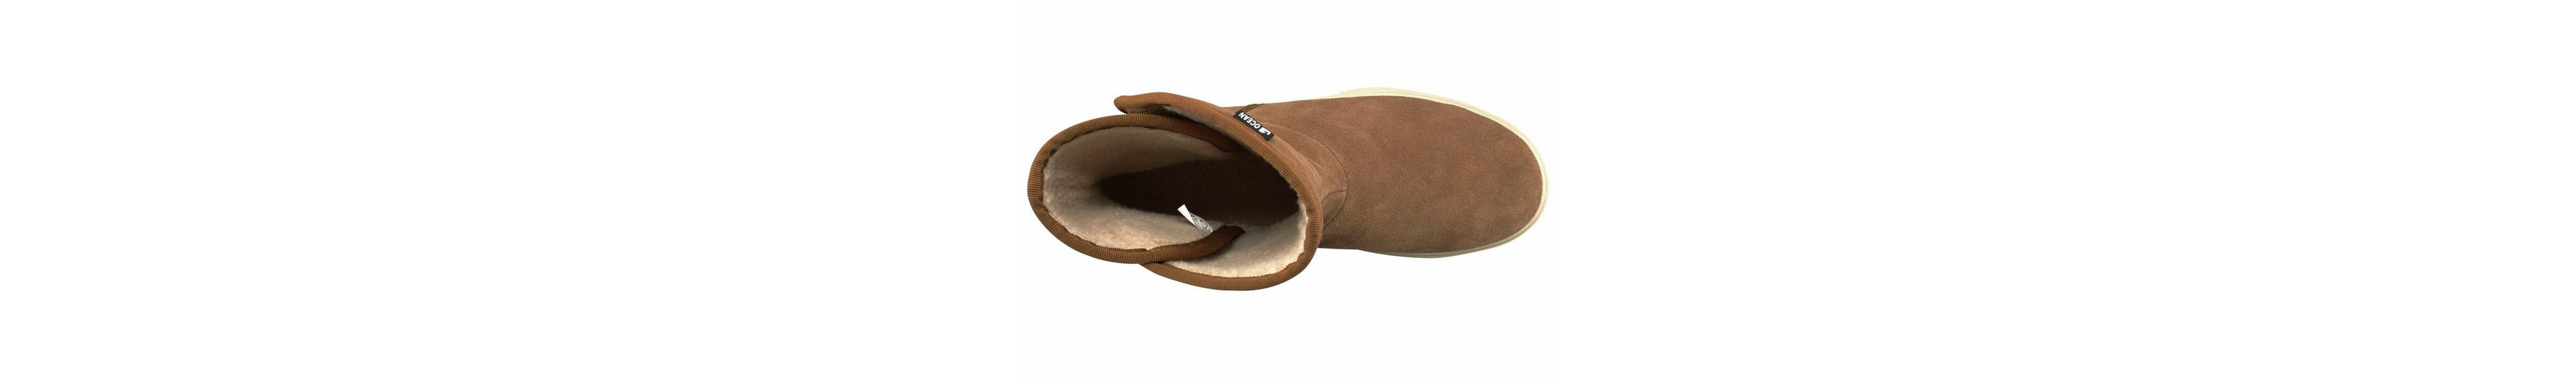 Bilder Zum Verkauf Ocean Sportswear Aina Stiefel Spielraum Bester Ort Günstig Kaufen Low-Cost KbFtFbf